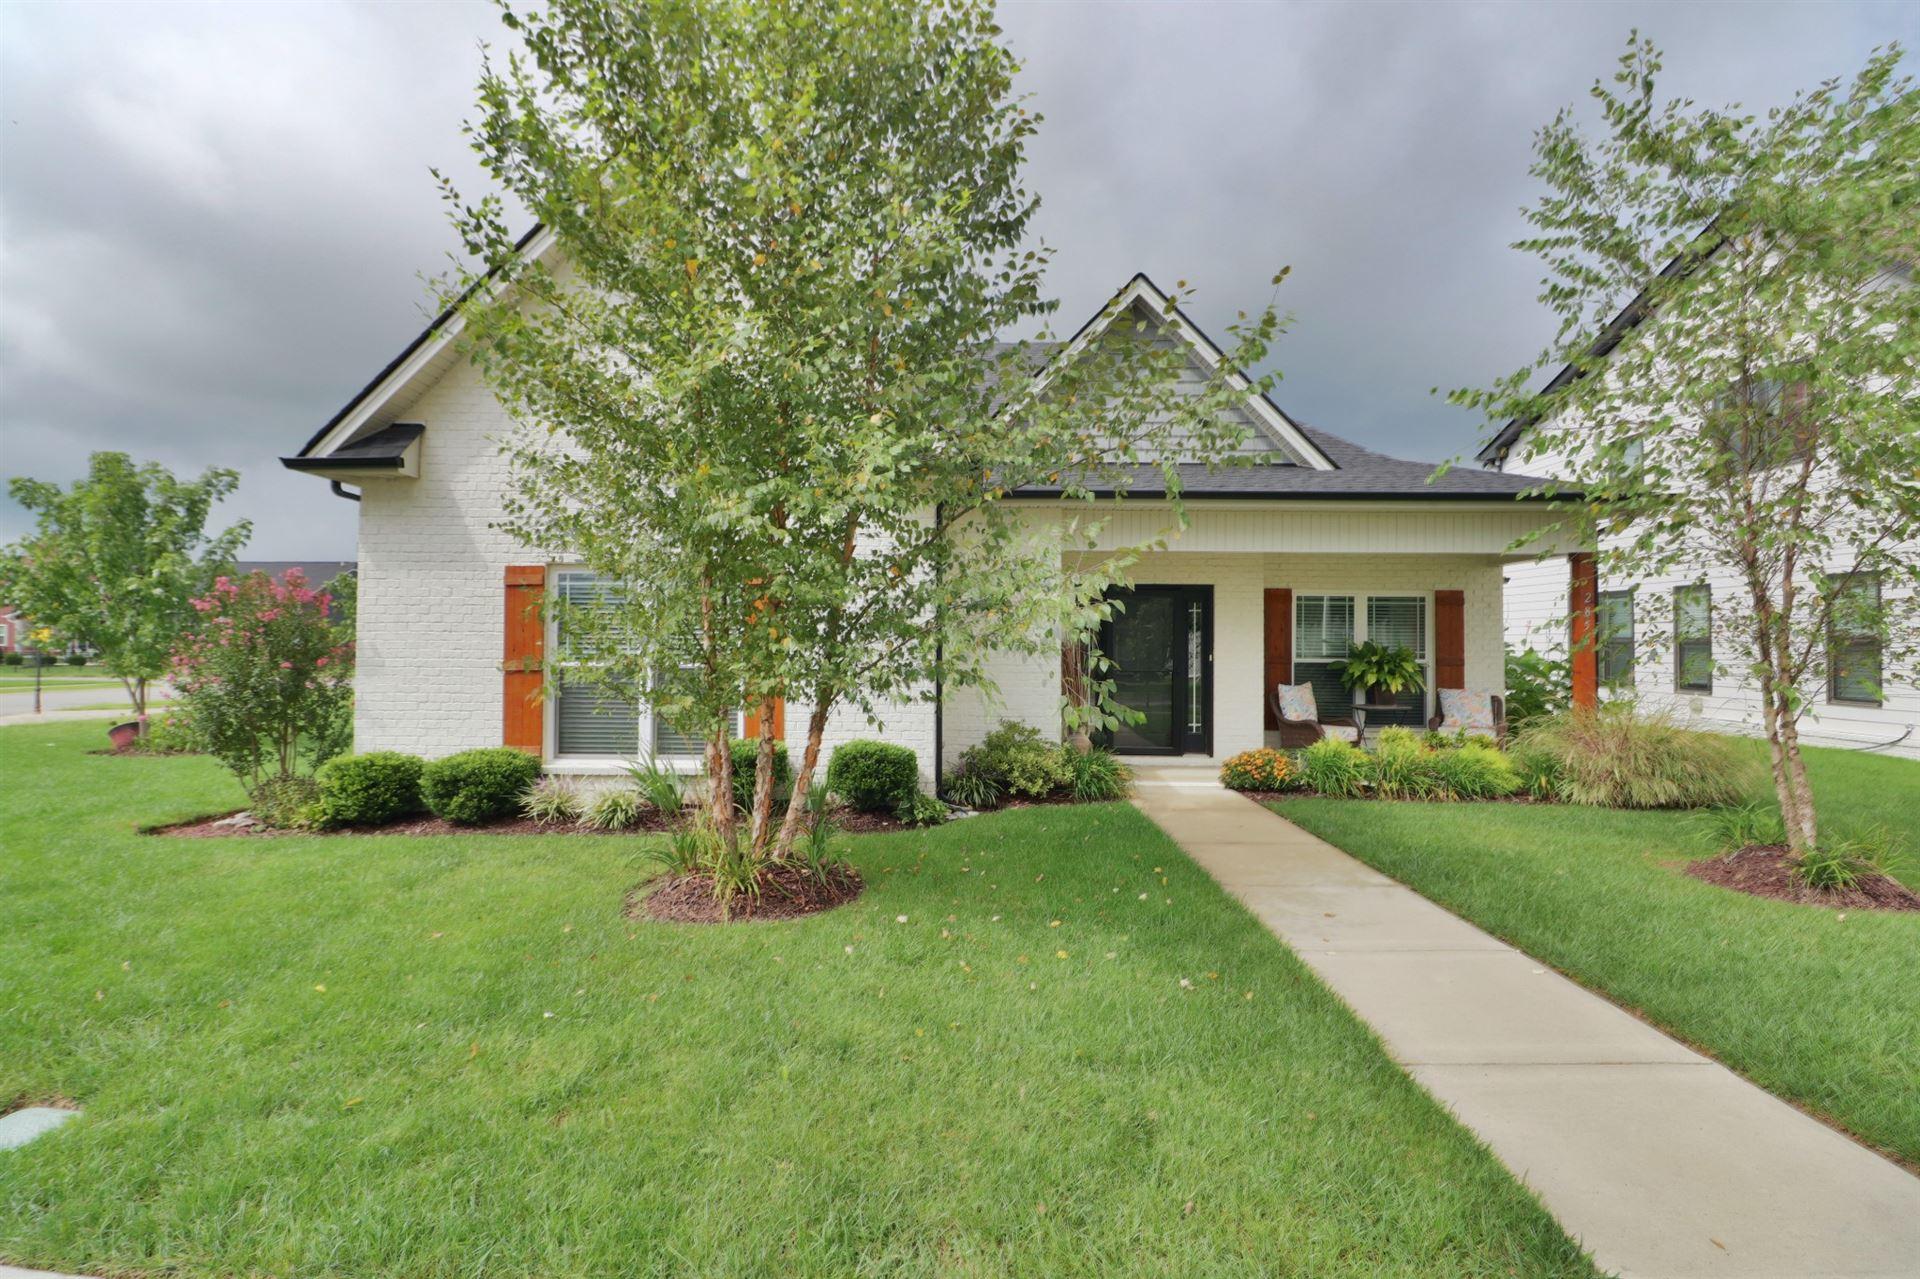 Photo of 2856 Cason Ln, Murfreesboro, TN 37128 (MLS # 2293267)